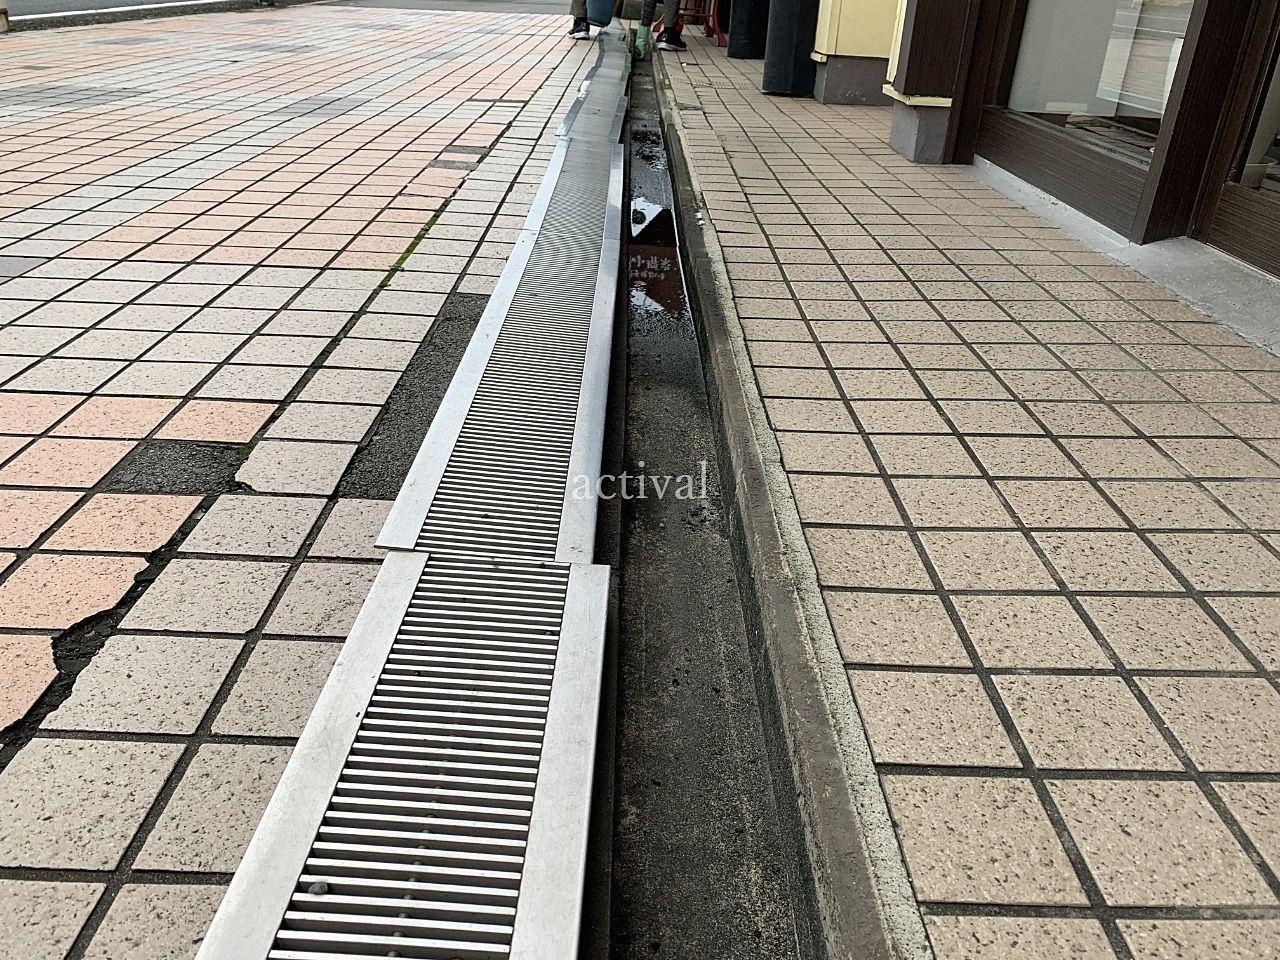 ア・ス・ヴェルデⅢの排水溝の清掃です。